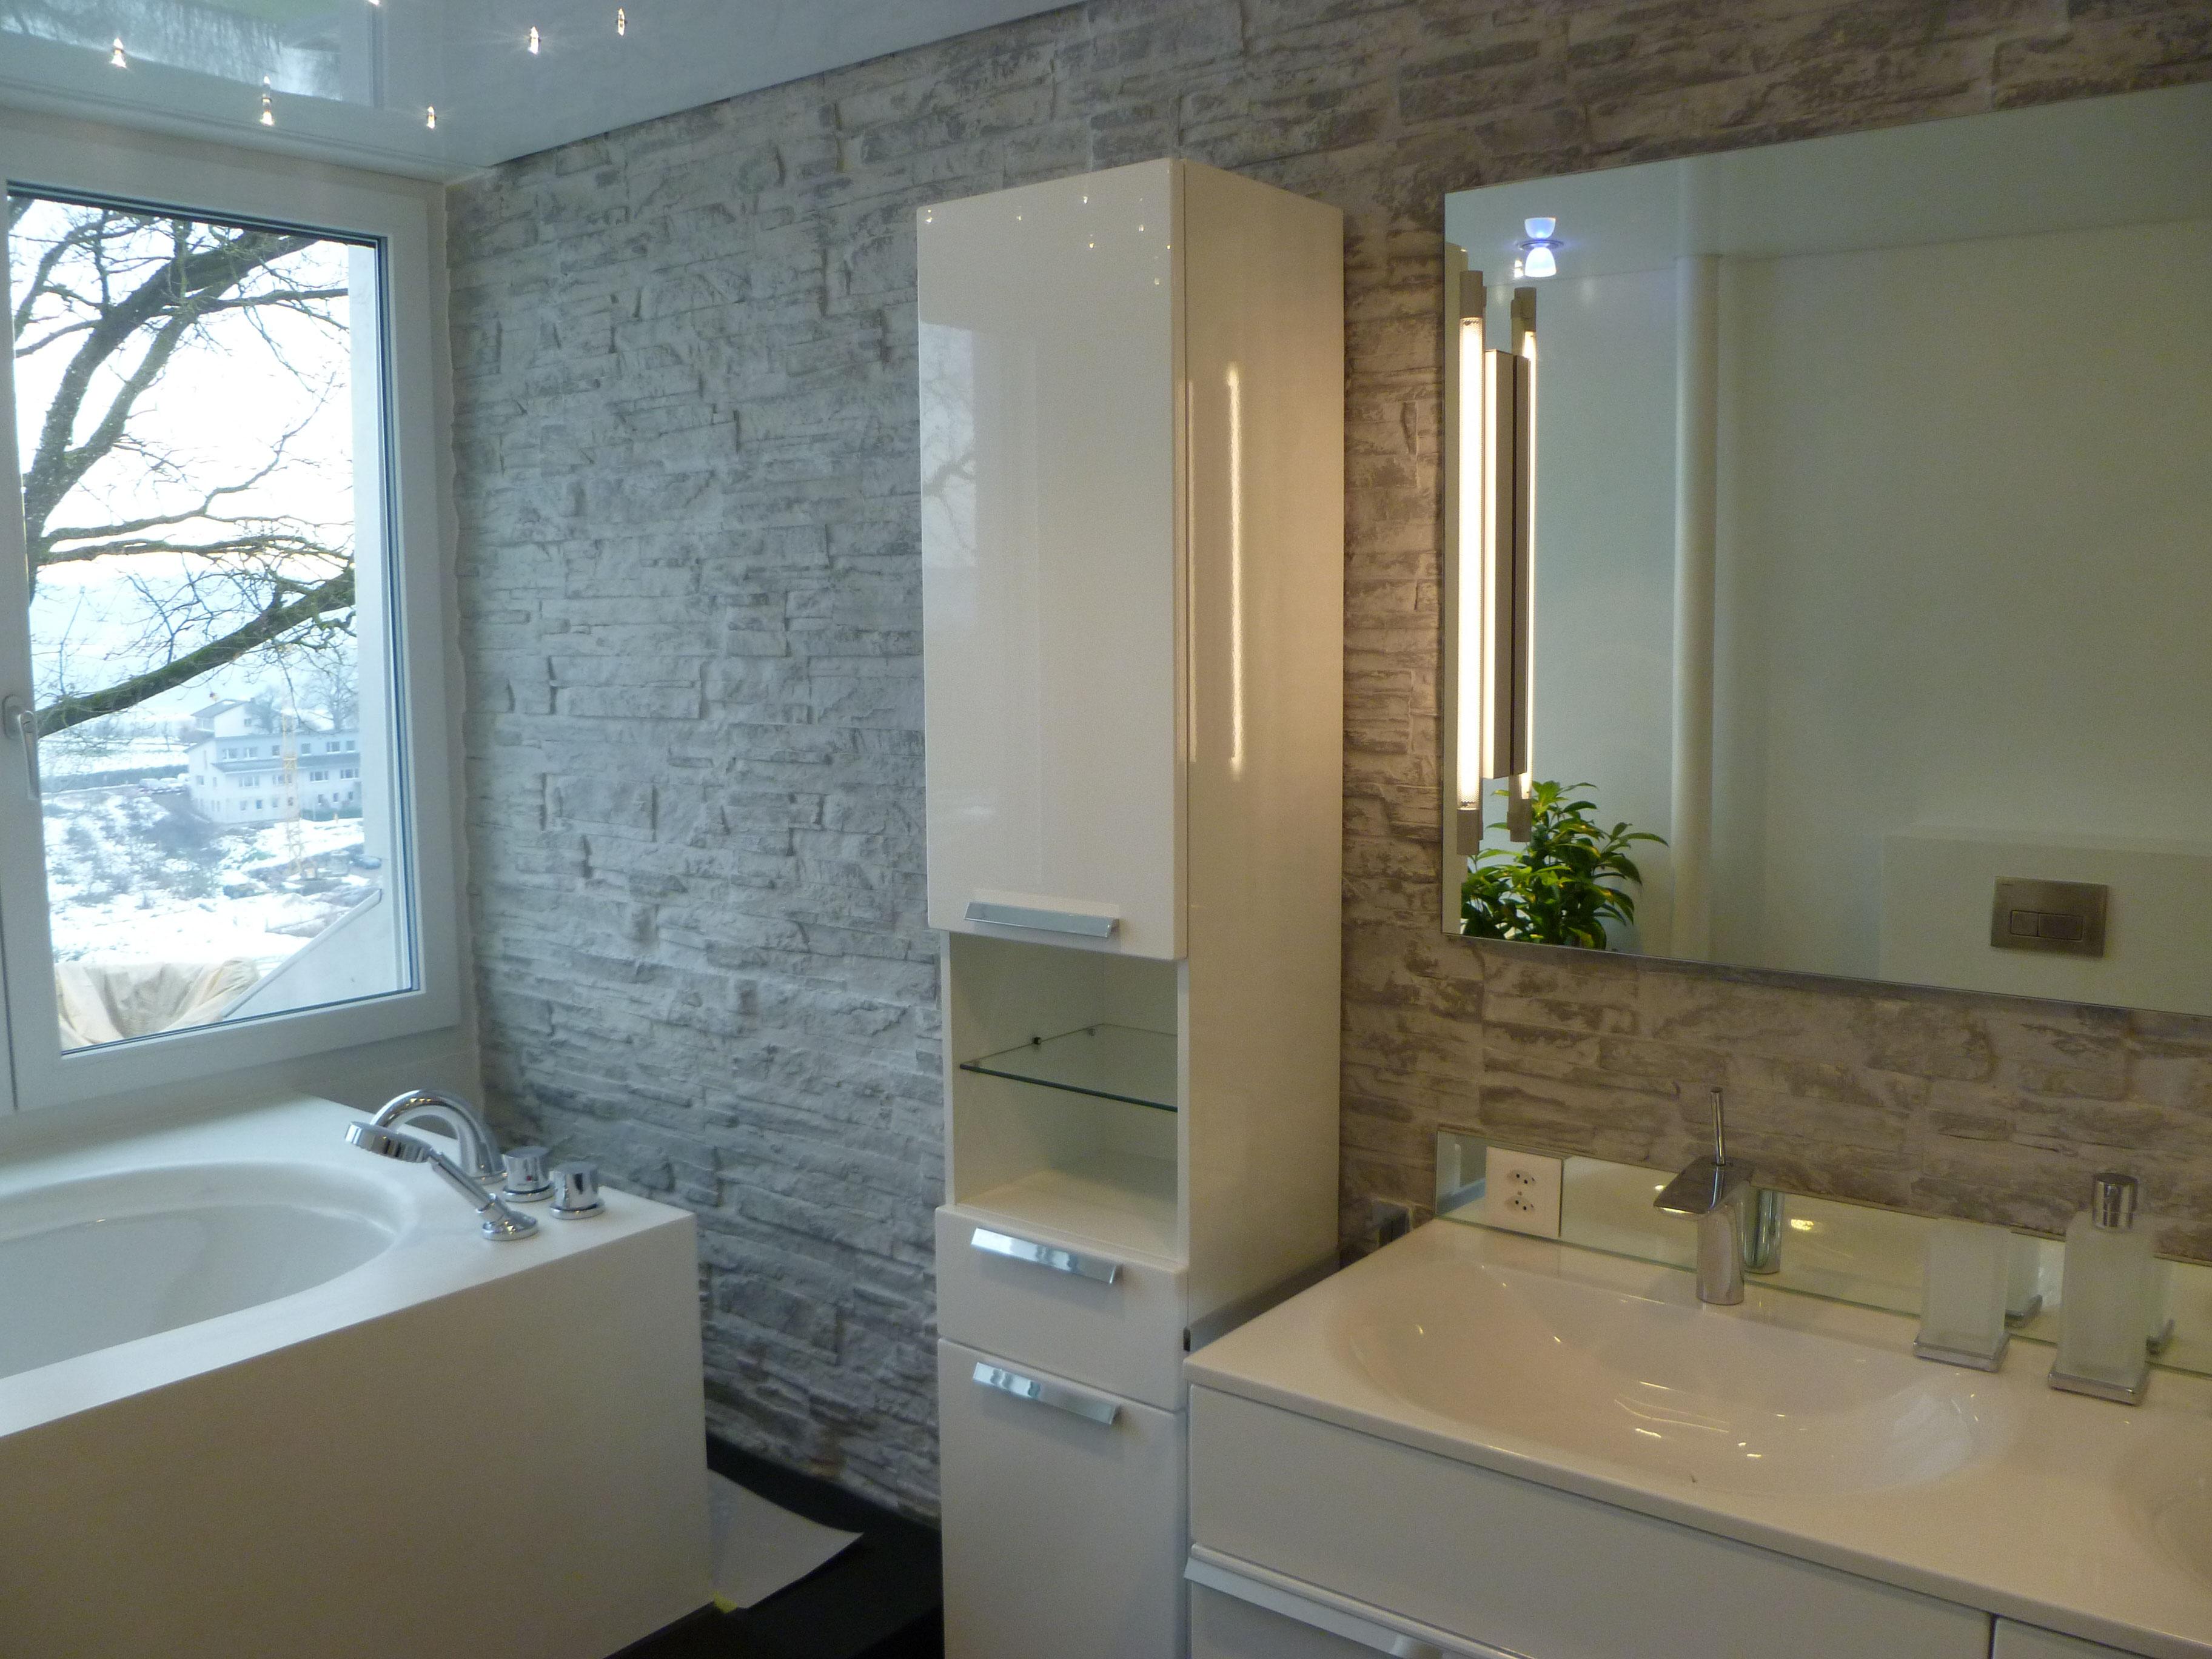 Badezimmer - Renovation - Salzstein Wand - Salzkristalle